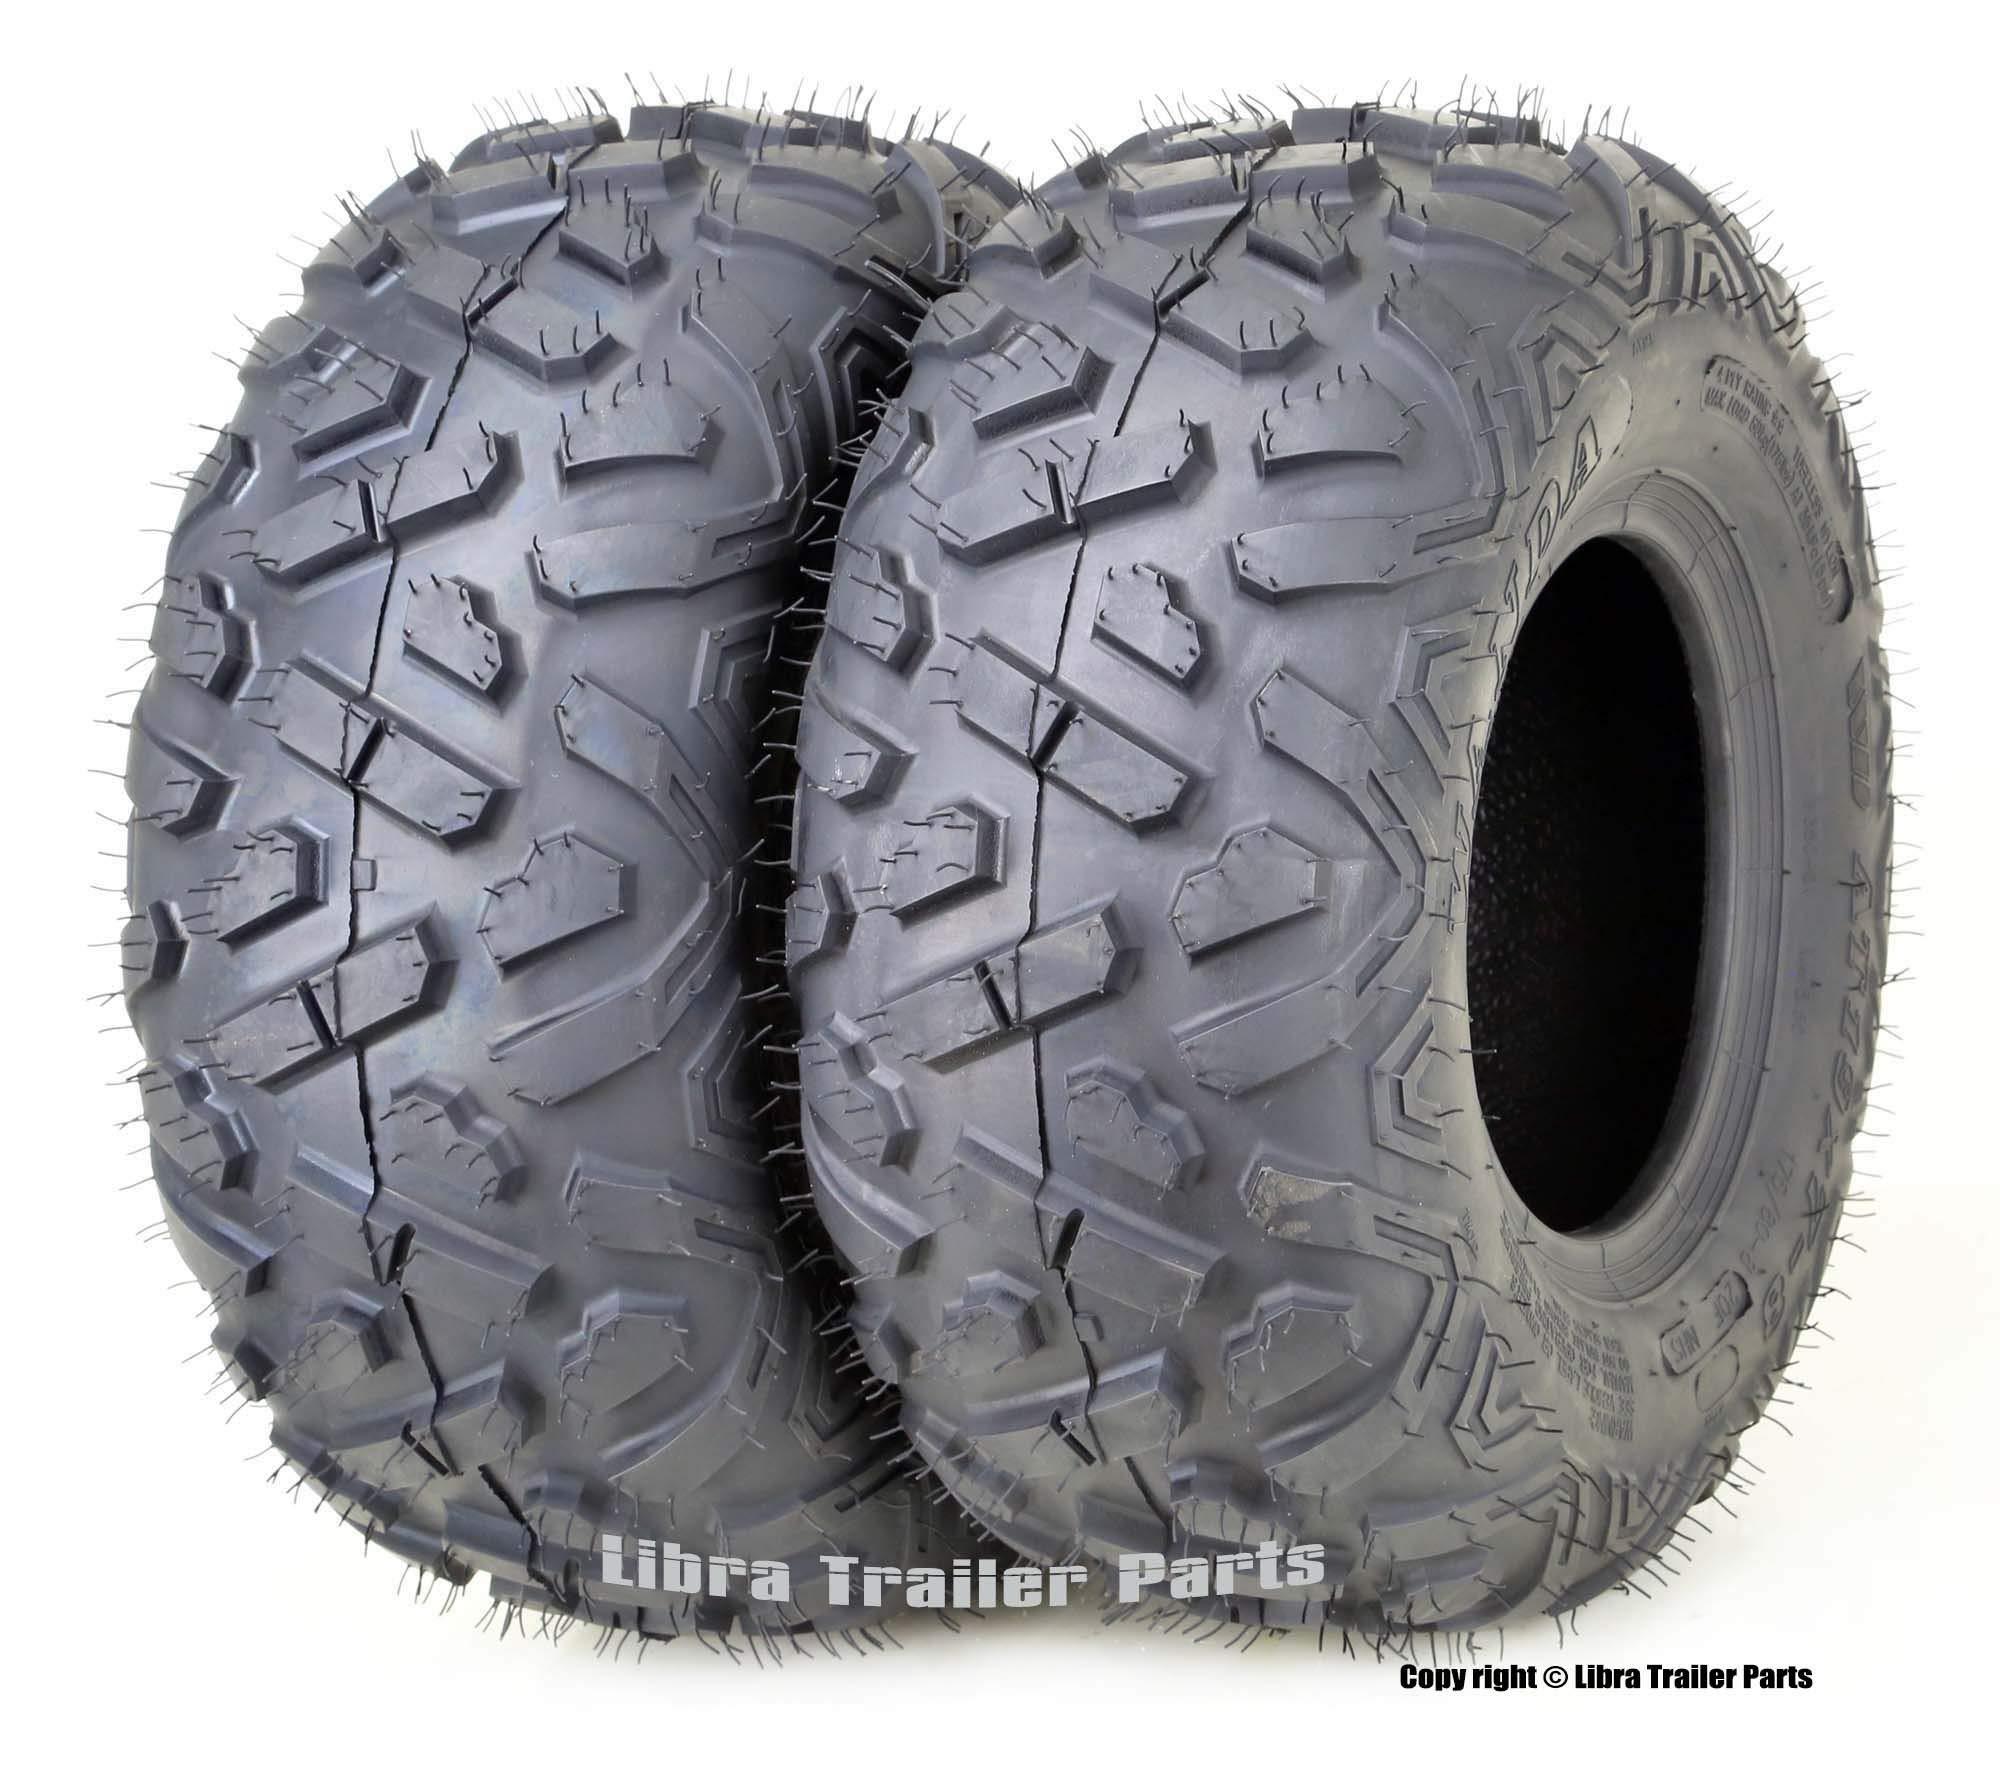 2 WANDA ATV tires 19x7-8 19x7x8 Bighorn style